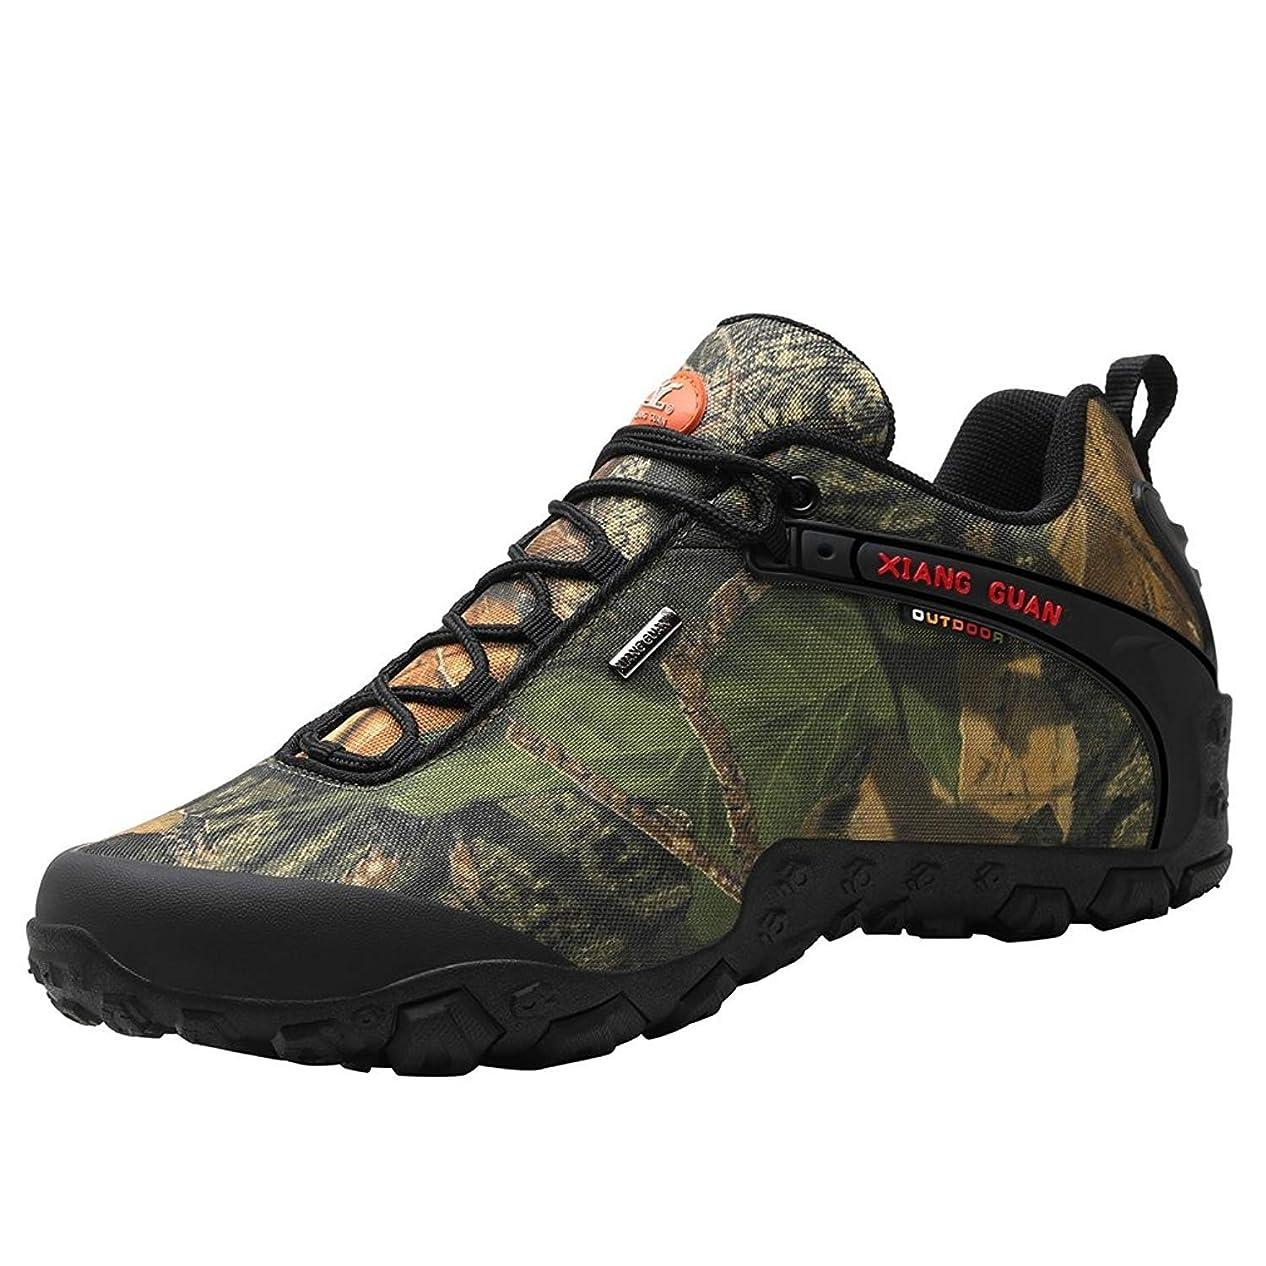 ズームシャンプーハッチ[ショウカン] 登山靴 迷彩 トレッキングシューズ メンズ 防滑 軽量 撥水 ハイキングシューズ